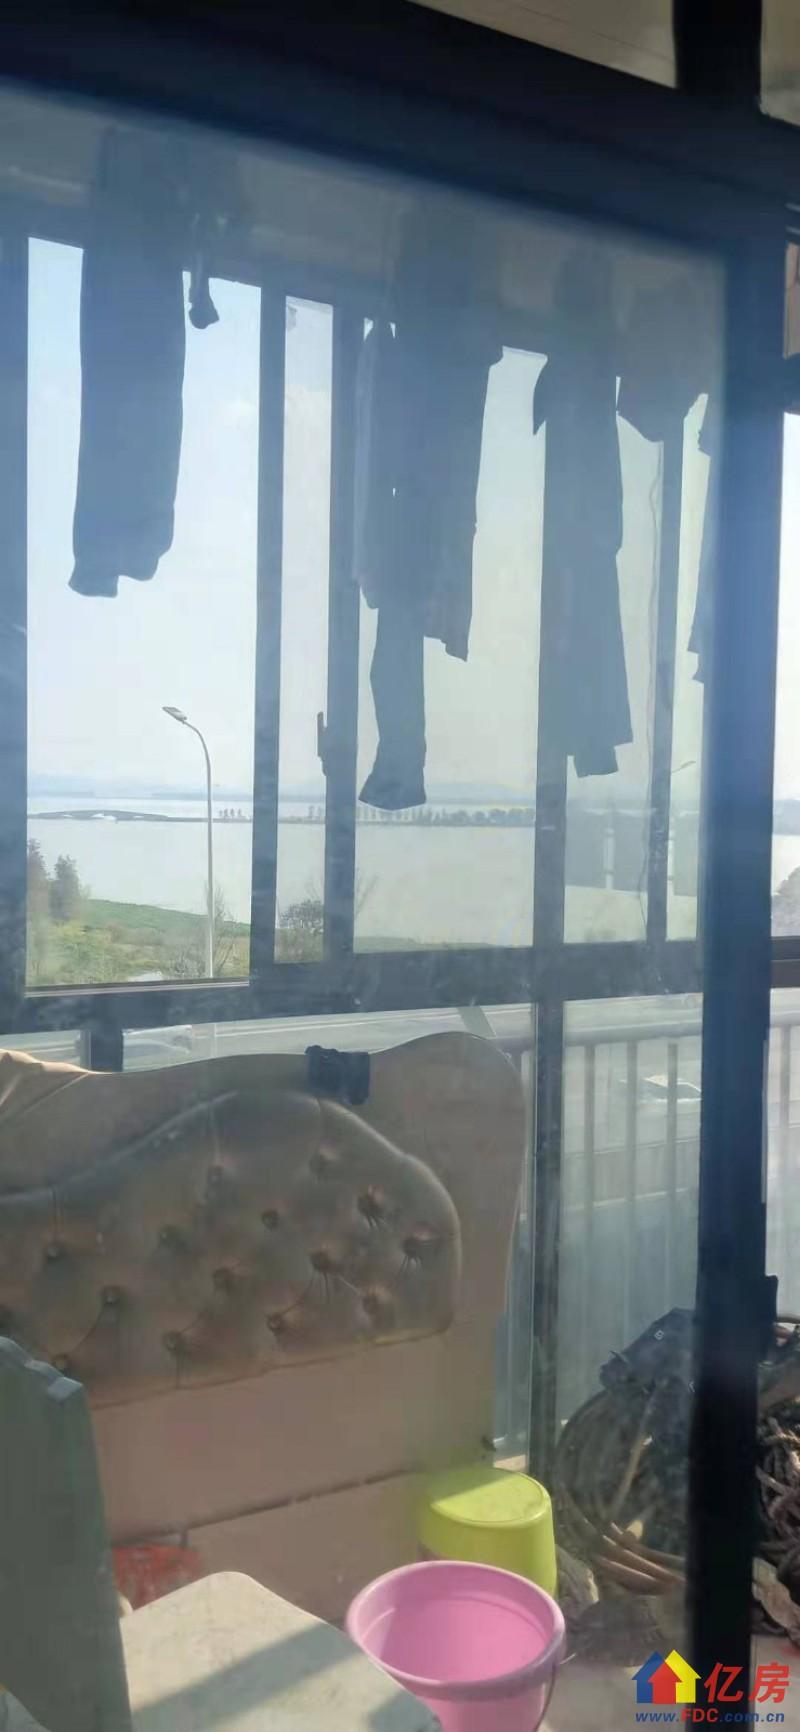 洪山区 杨春湖 白马馨居一期东区 3室2厅1卫  103㎡ 村民的房子直接改名,武汉洪山区杨春湖杨春湖路二手房3室 - 亿房网